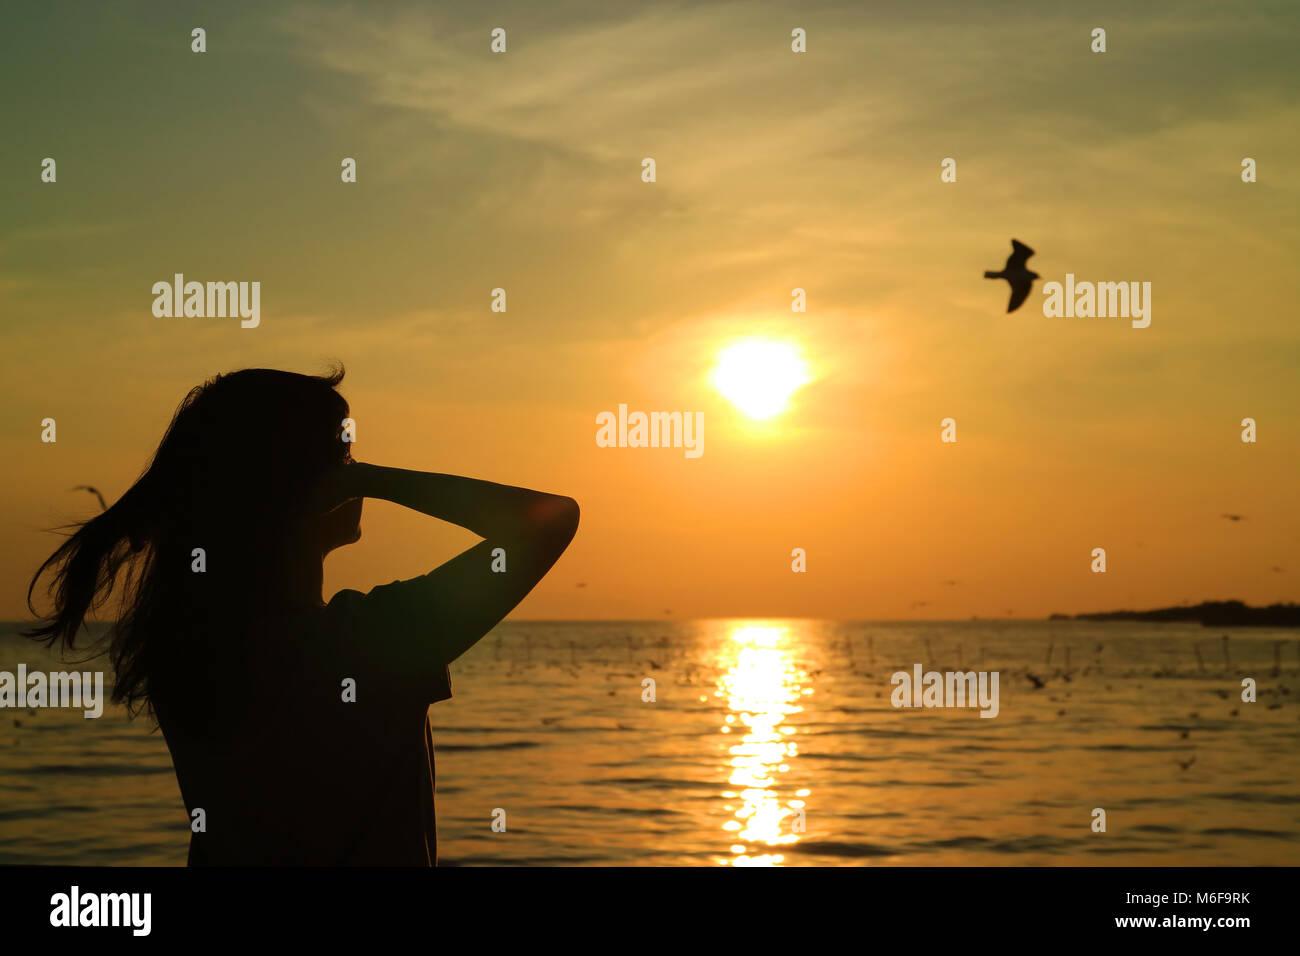 Silhouette de jeune femme regardant le soleil se lever sur golden sky avec un oiseau volant Photo Stock